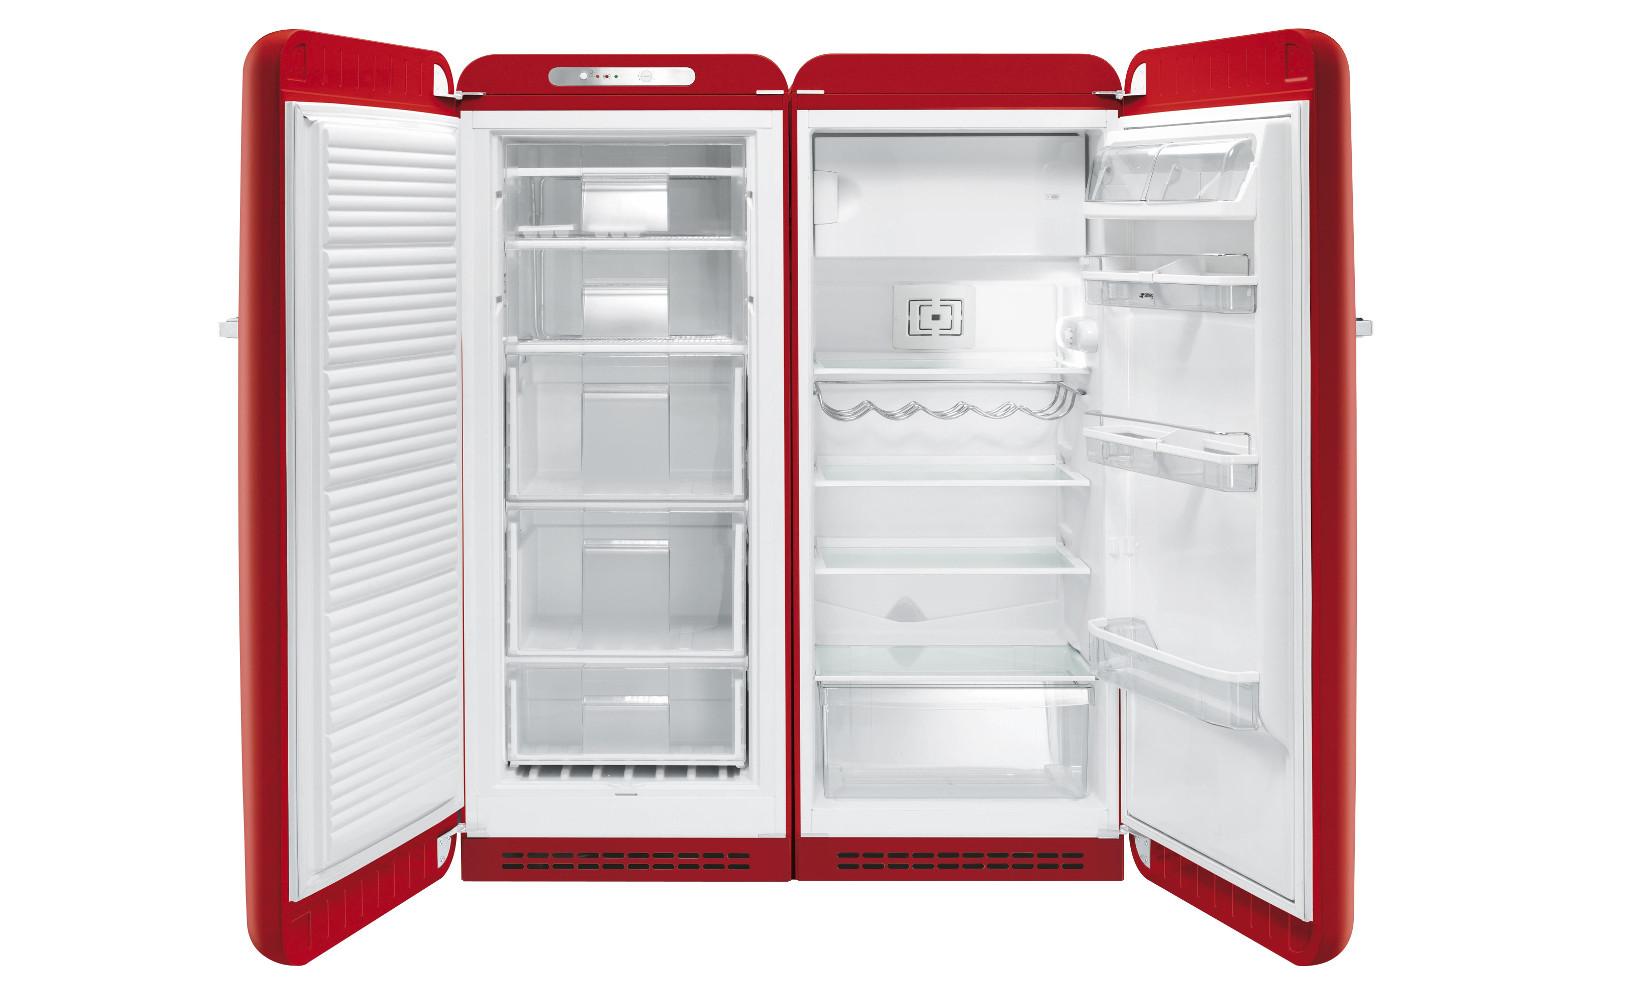 Energie sparen Kühlschrank side by side